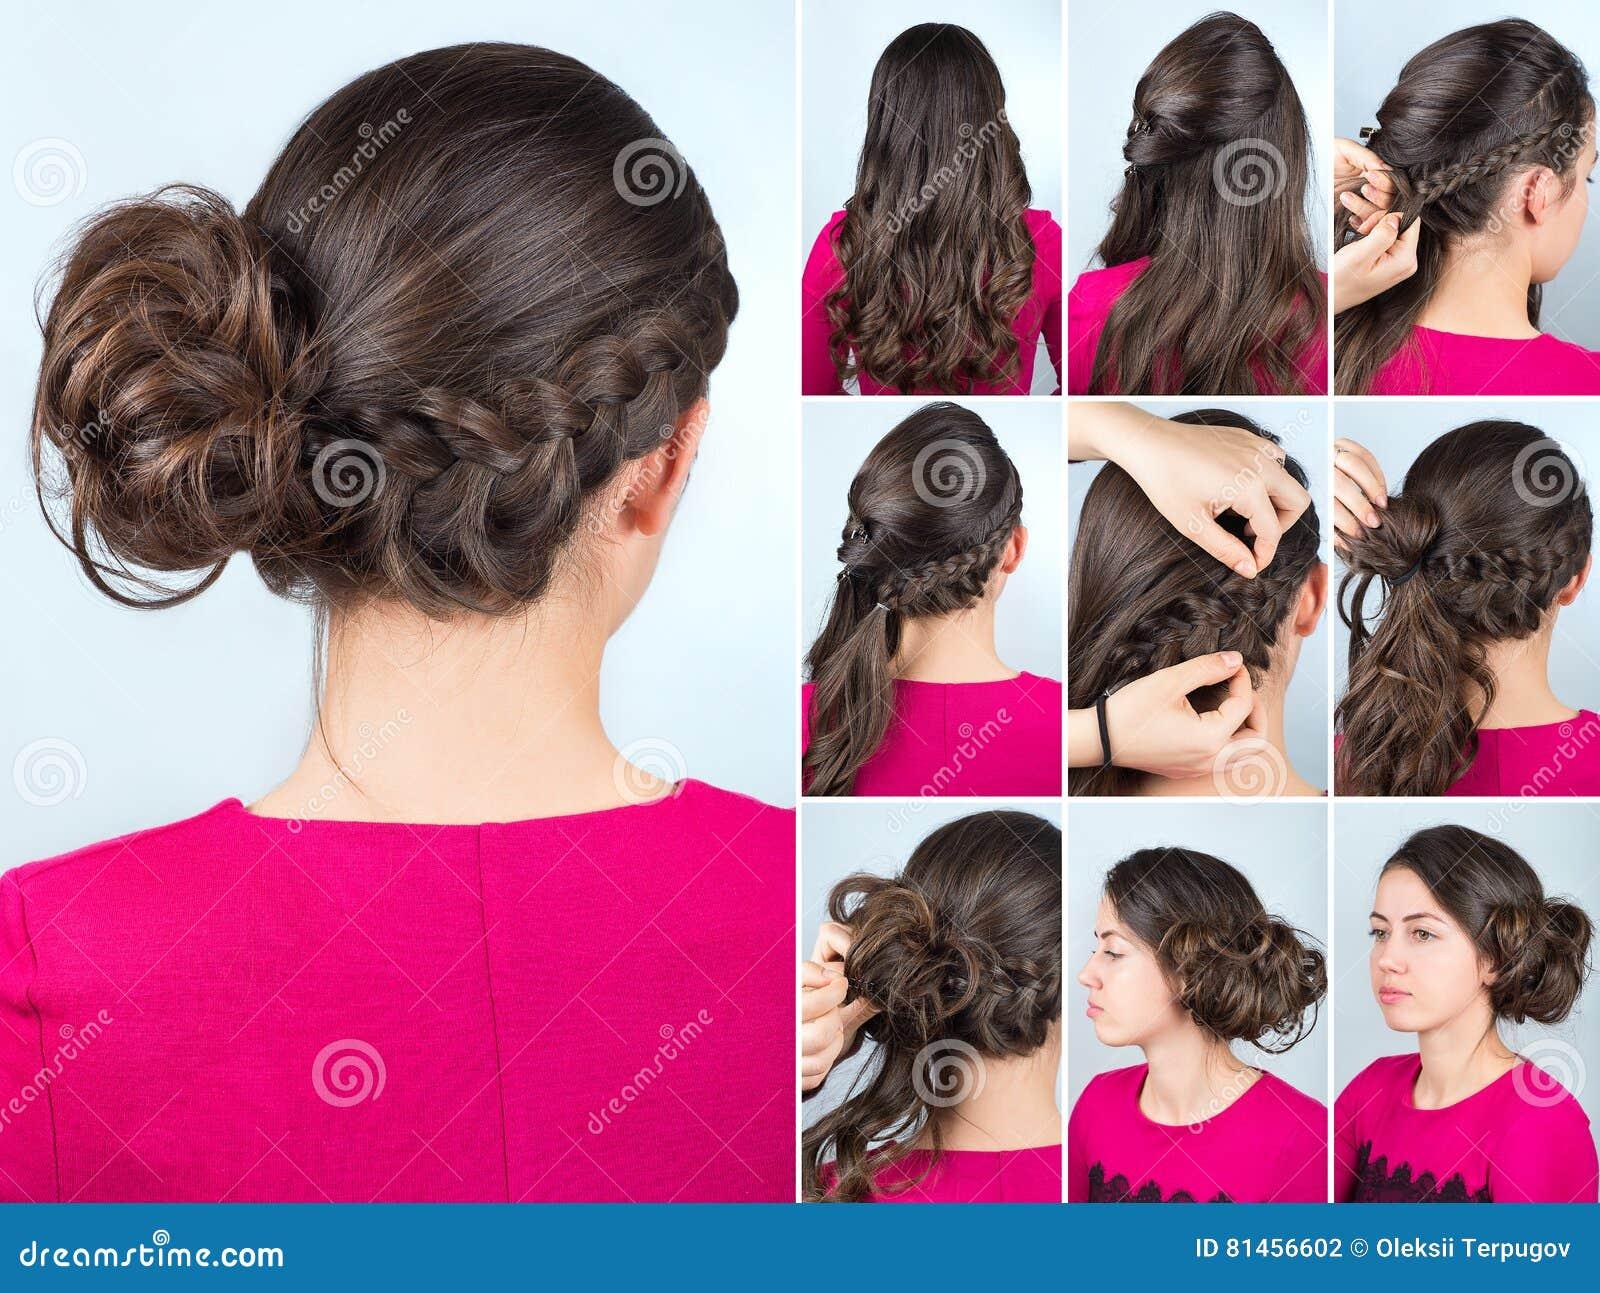 Petit pain et tresse de coiffure sur le cours de cheveux bouclés